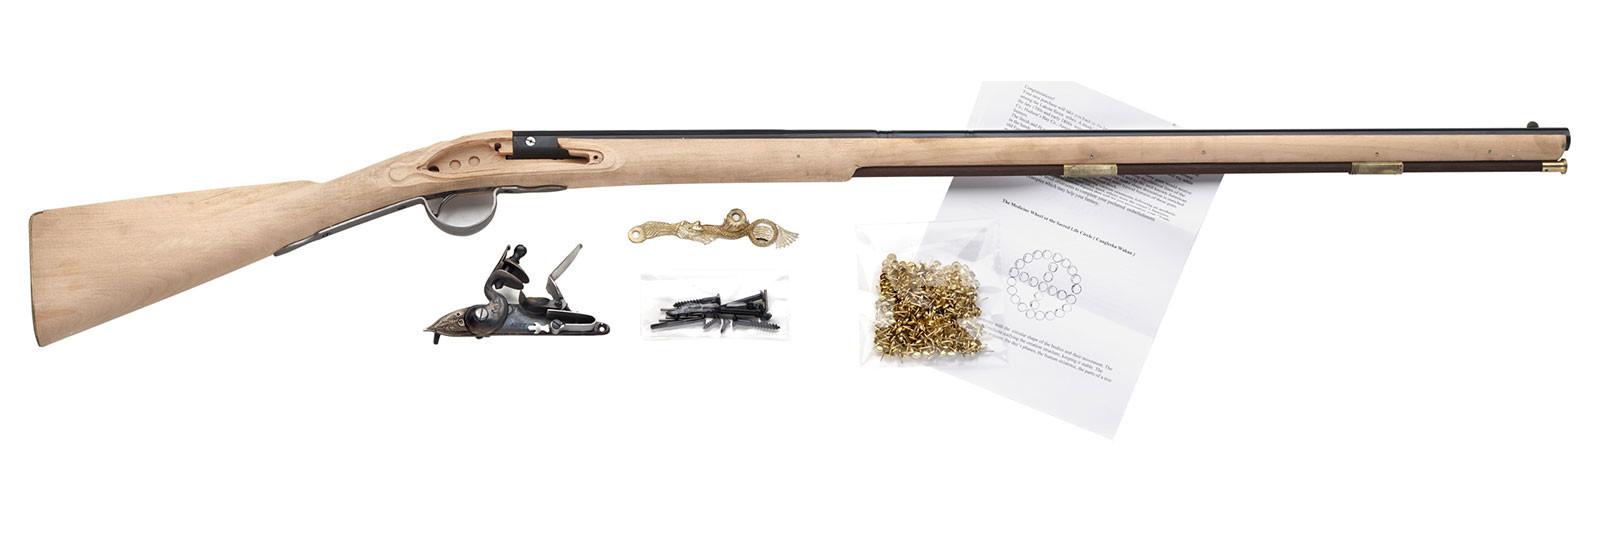 Indian Trade Musket Kit